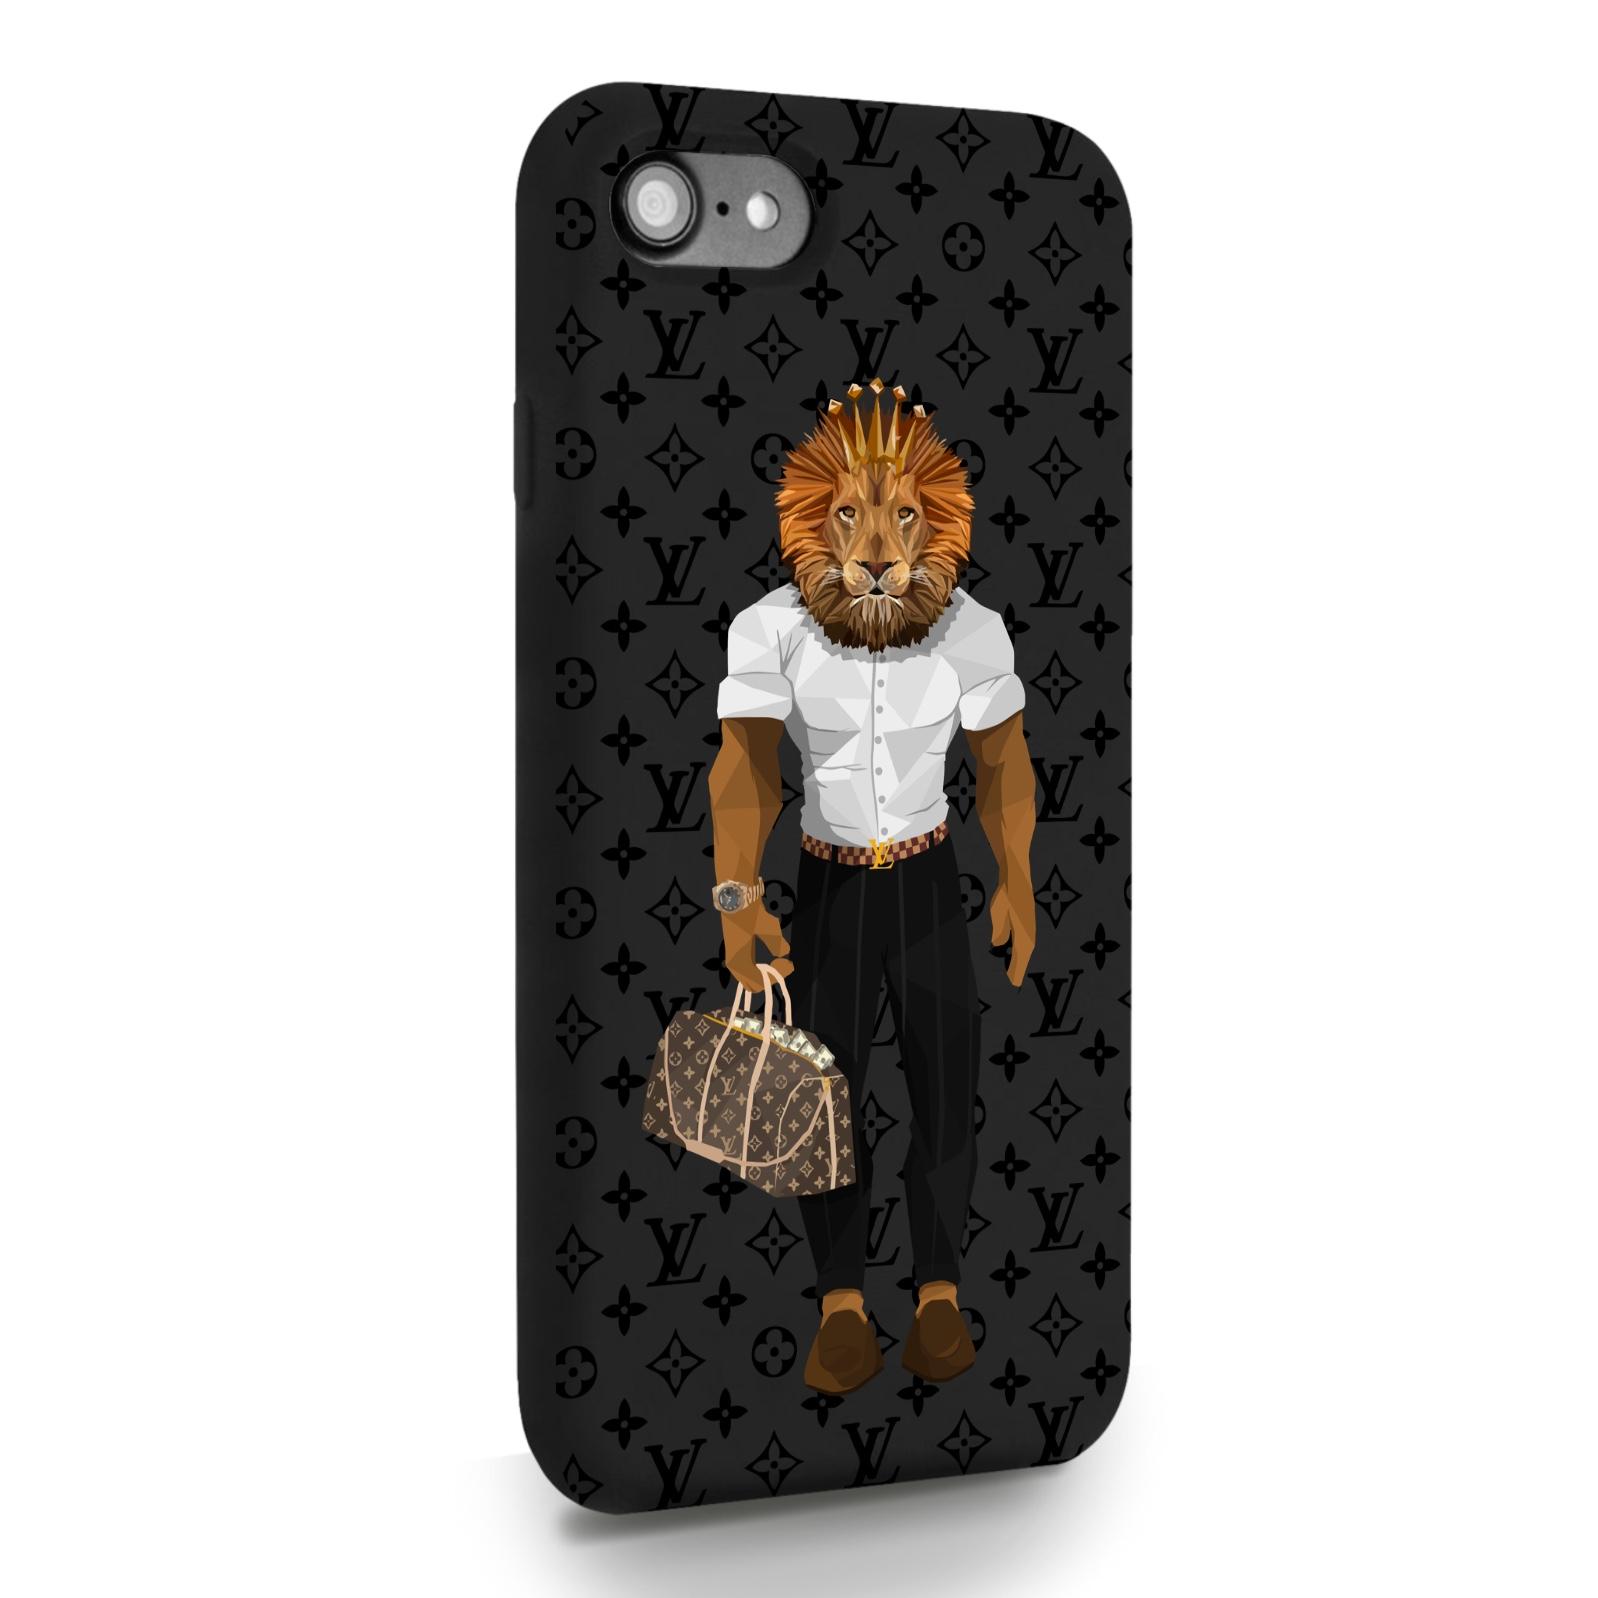 Черный силиконовый чехол для iPhone 7/8/SE2020 LV Lion для Айфон 7/8/СЕ2020